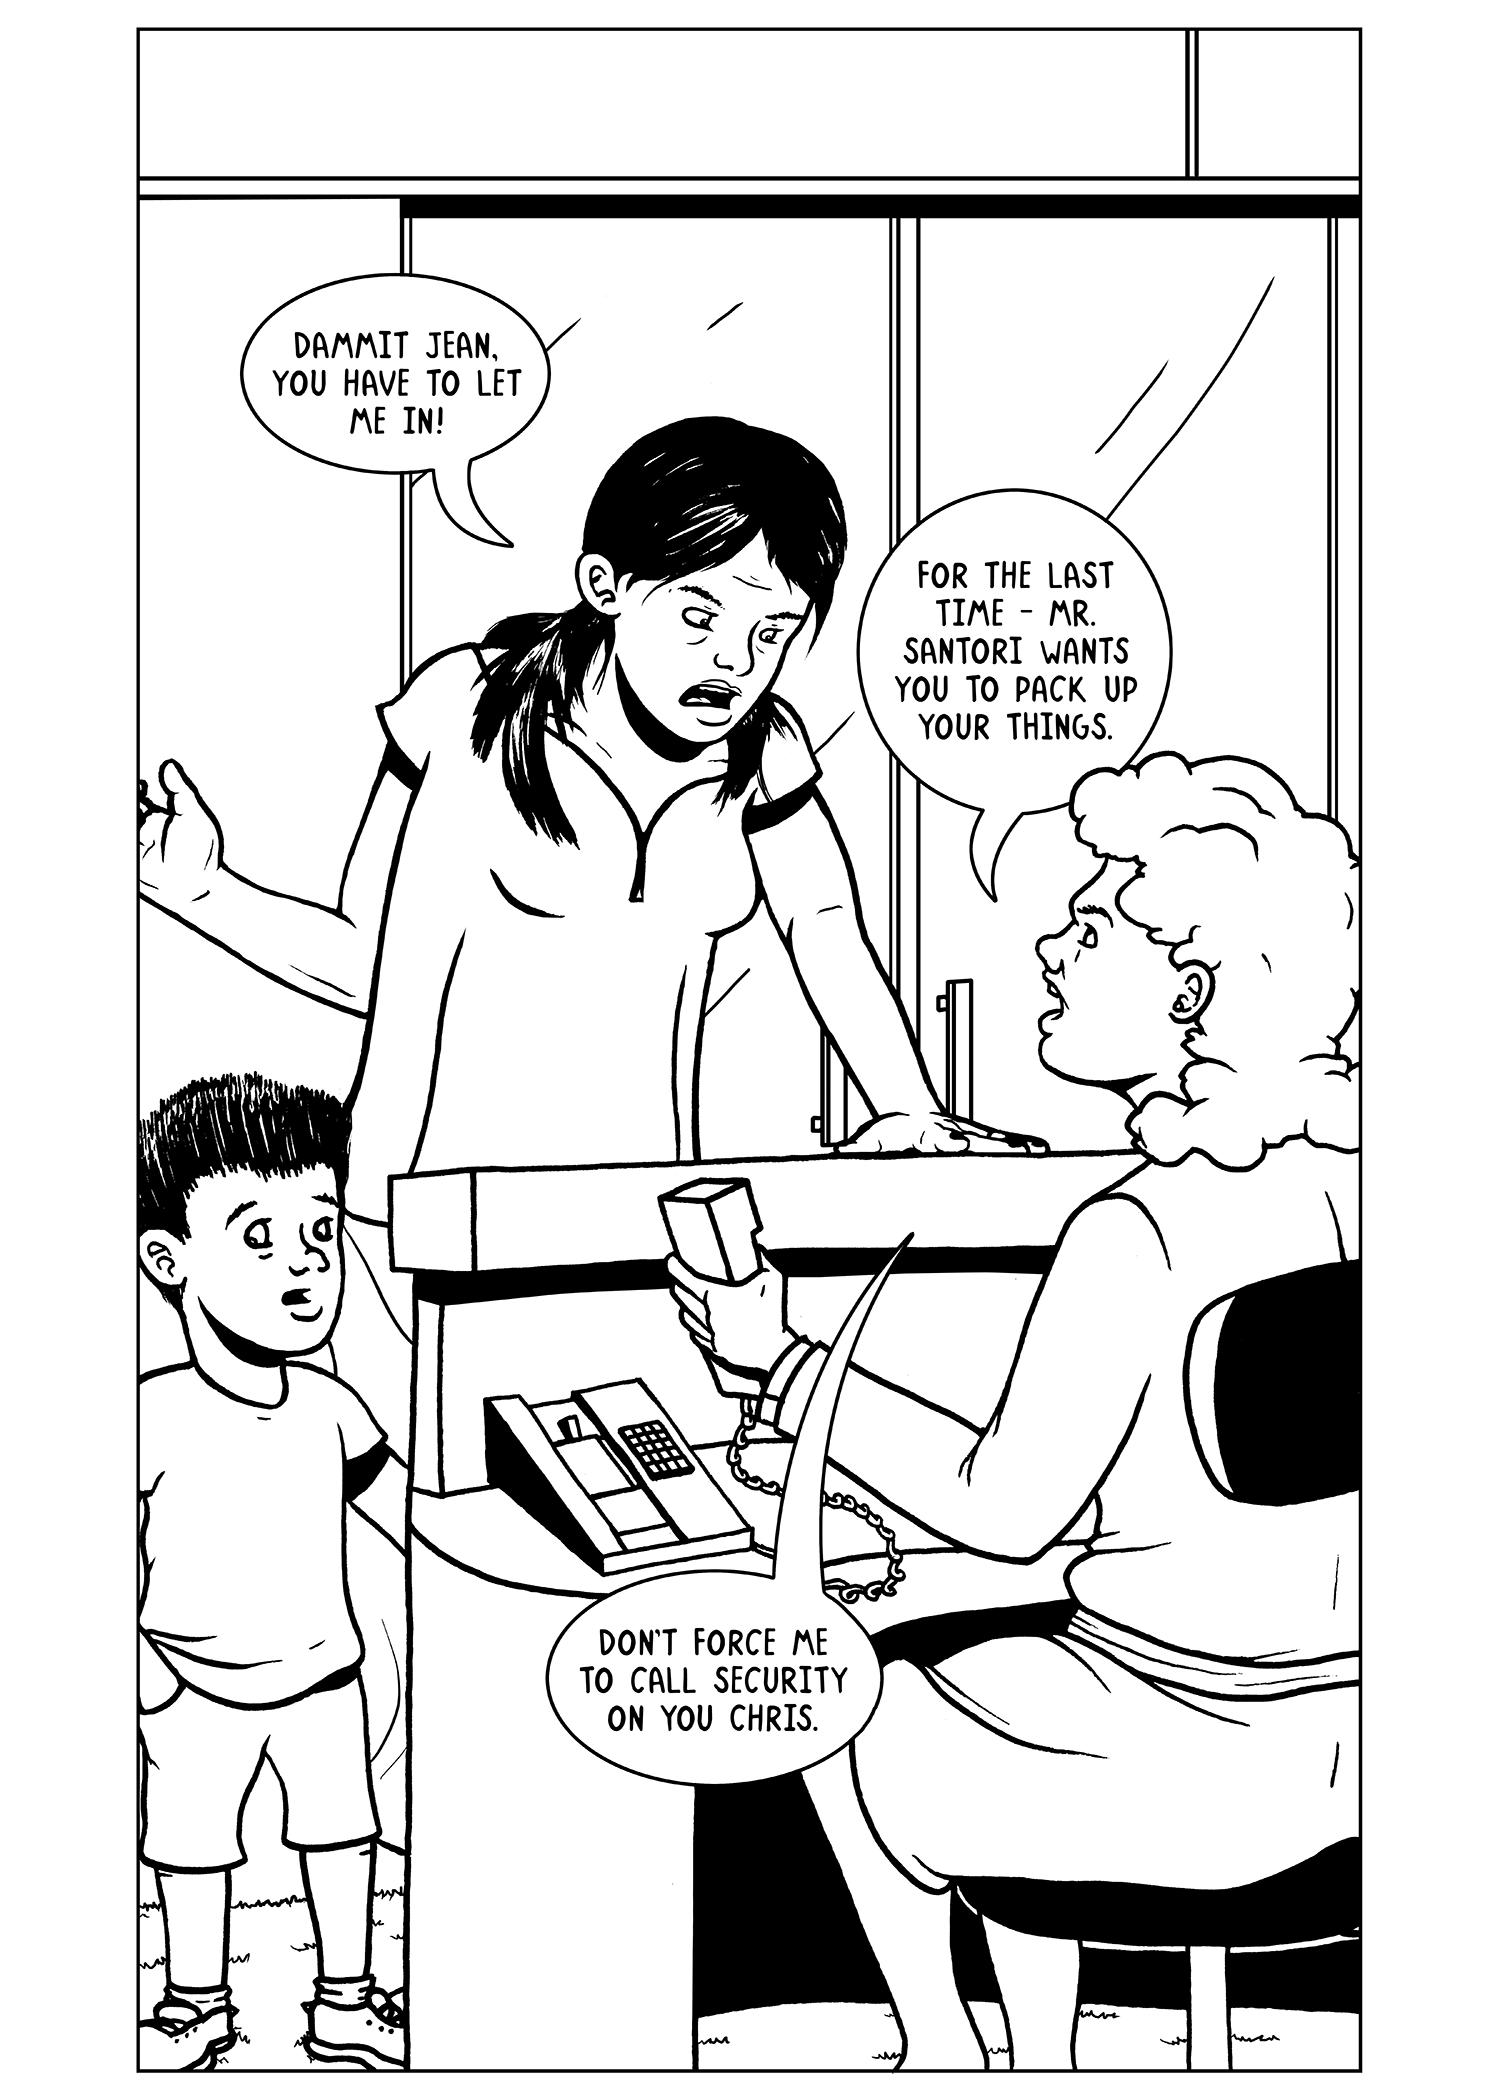 QWERTY_comic_01